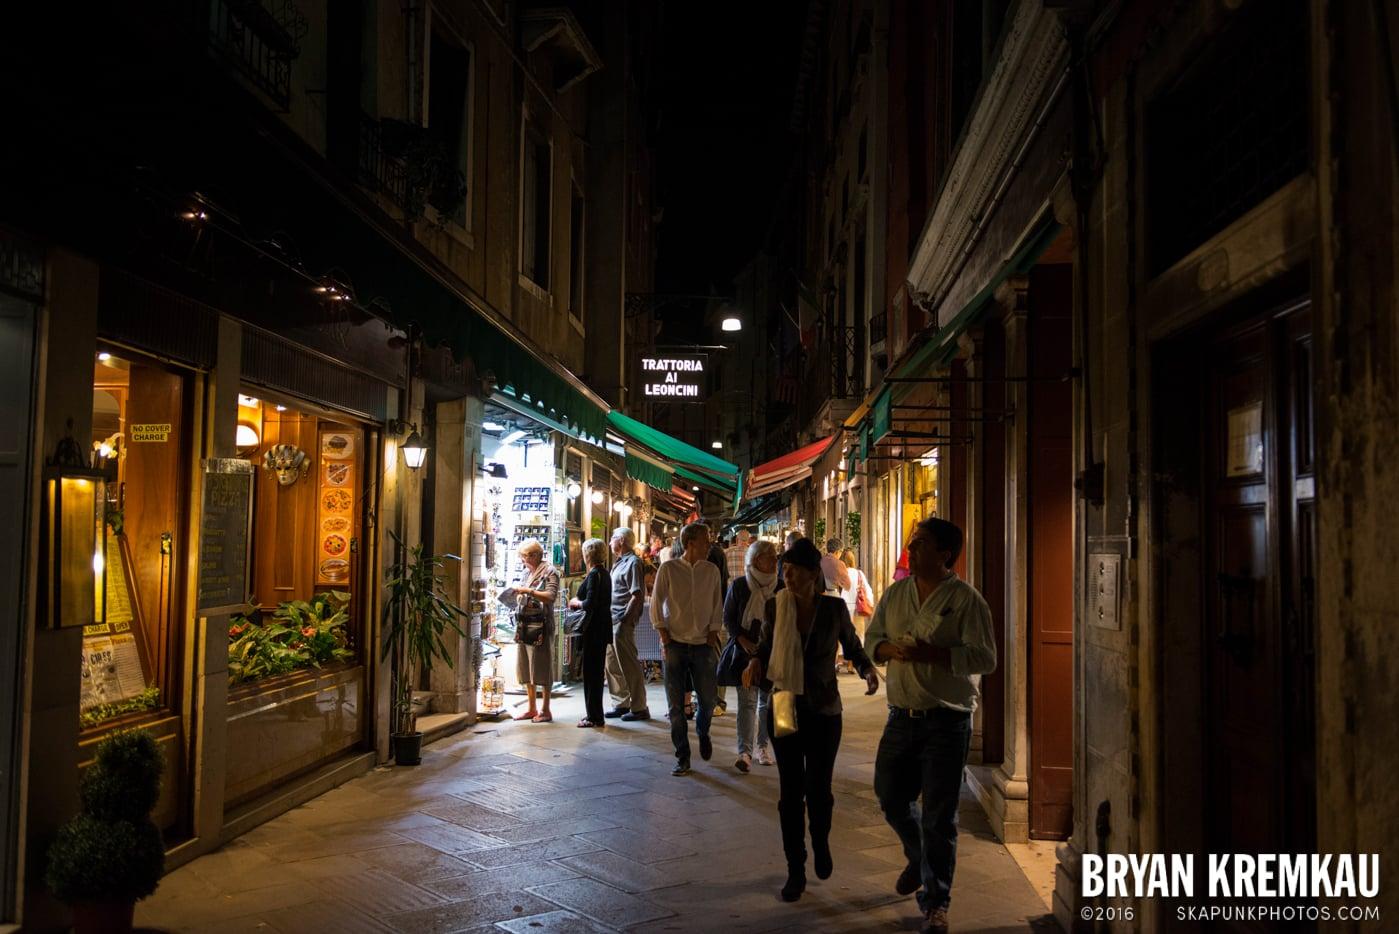 Italy Vacation - Day 6: Murano, Burano, Venice - 9.14.13 (8)